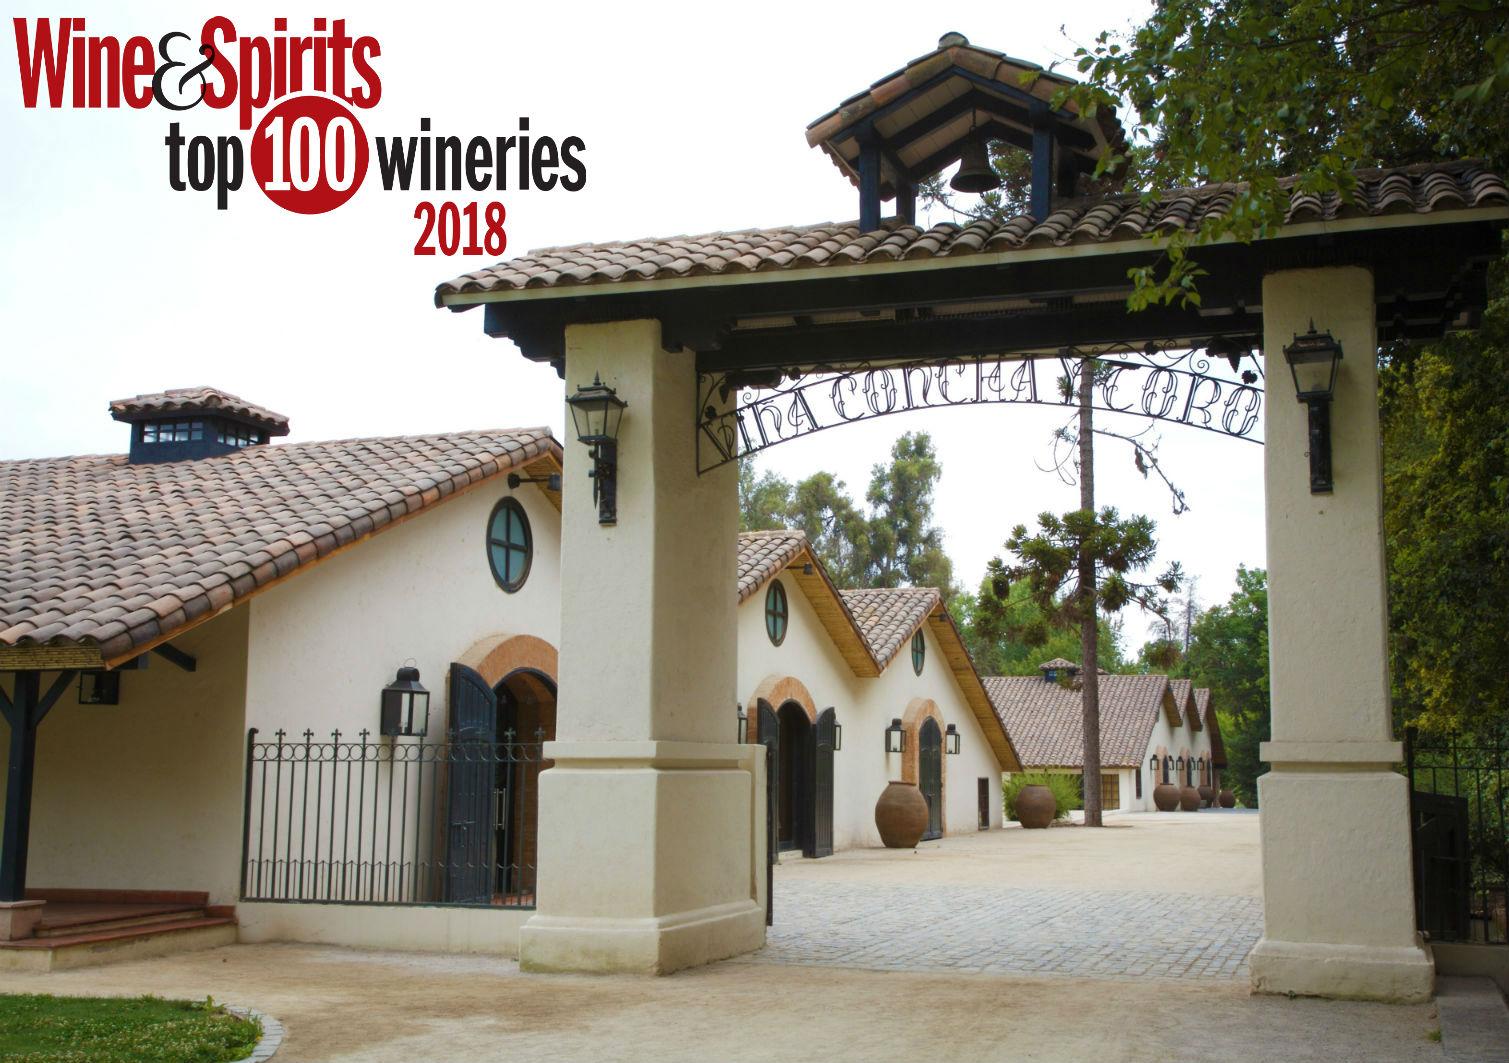 Concha y Toro premiada novamente como uma das 100 Melhores Vinícolas do Ano pela Wine and Spirits